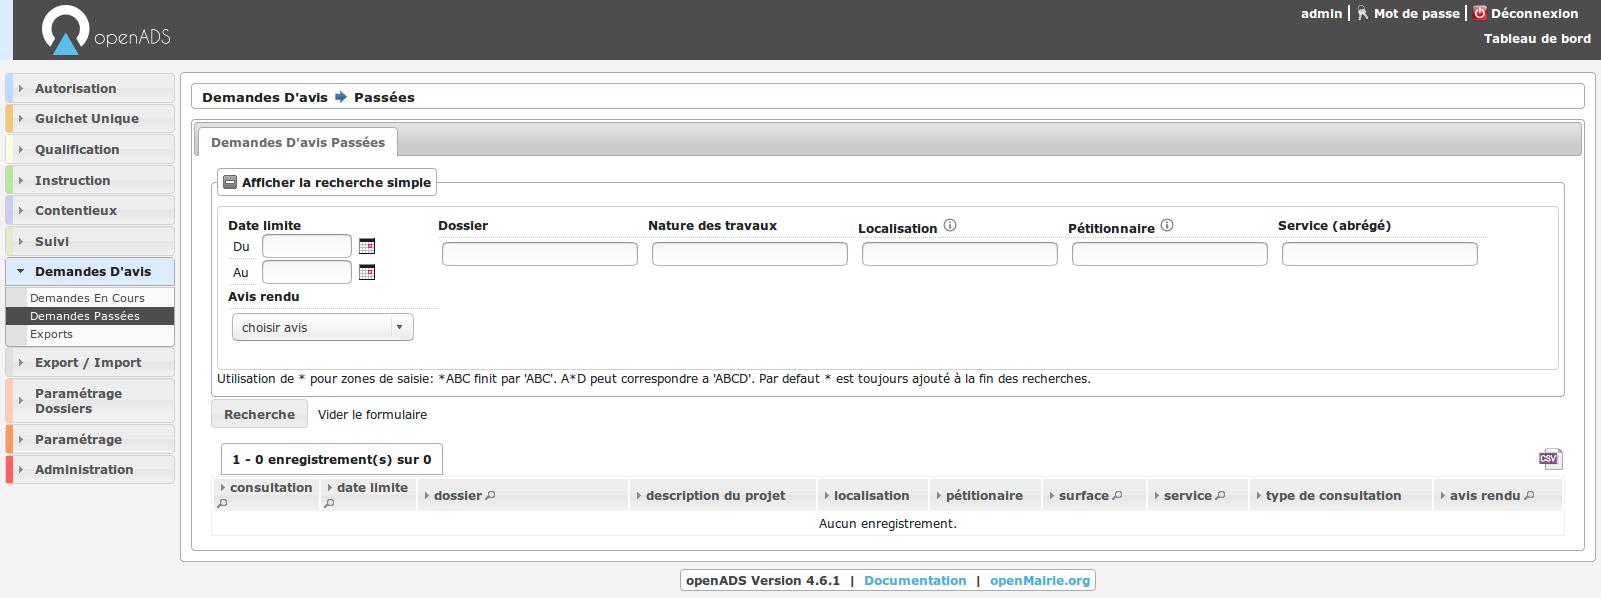 Publication de la version openADS 4.6.0 & 4.6.1